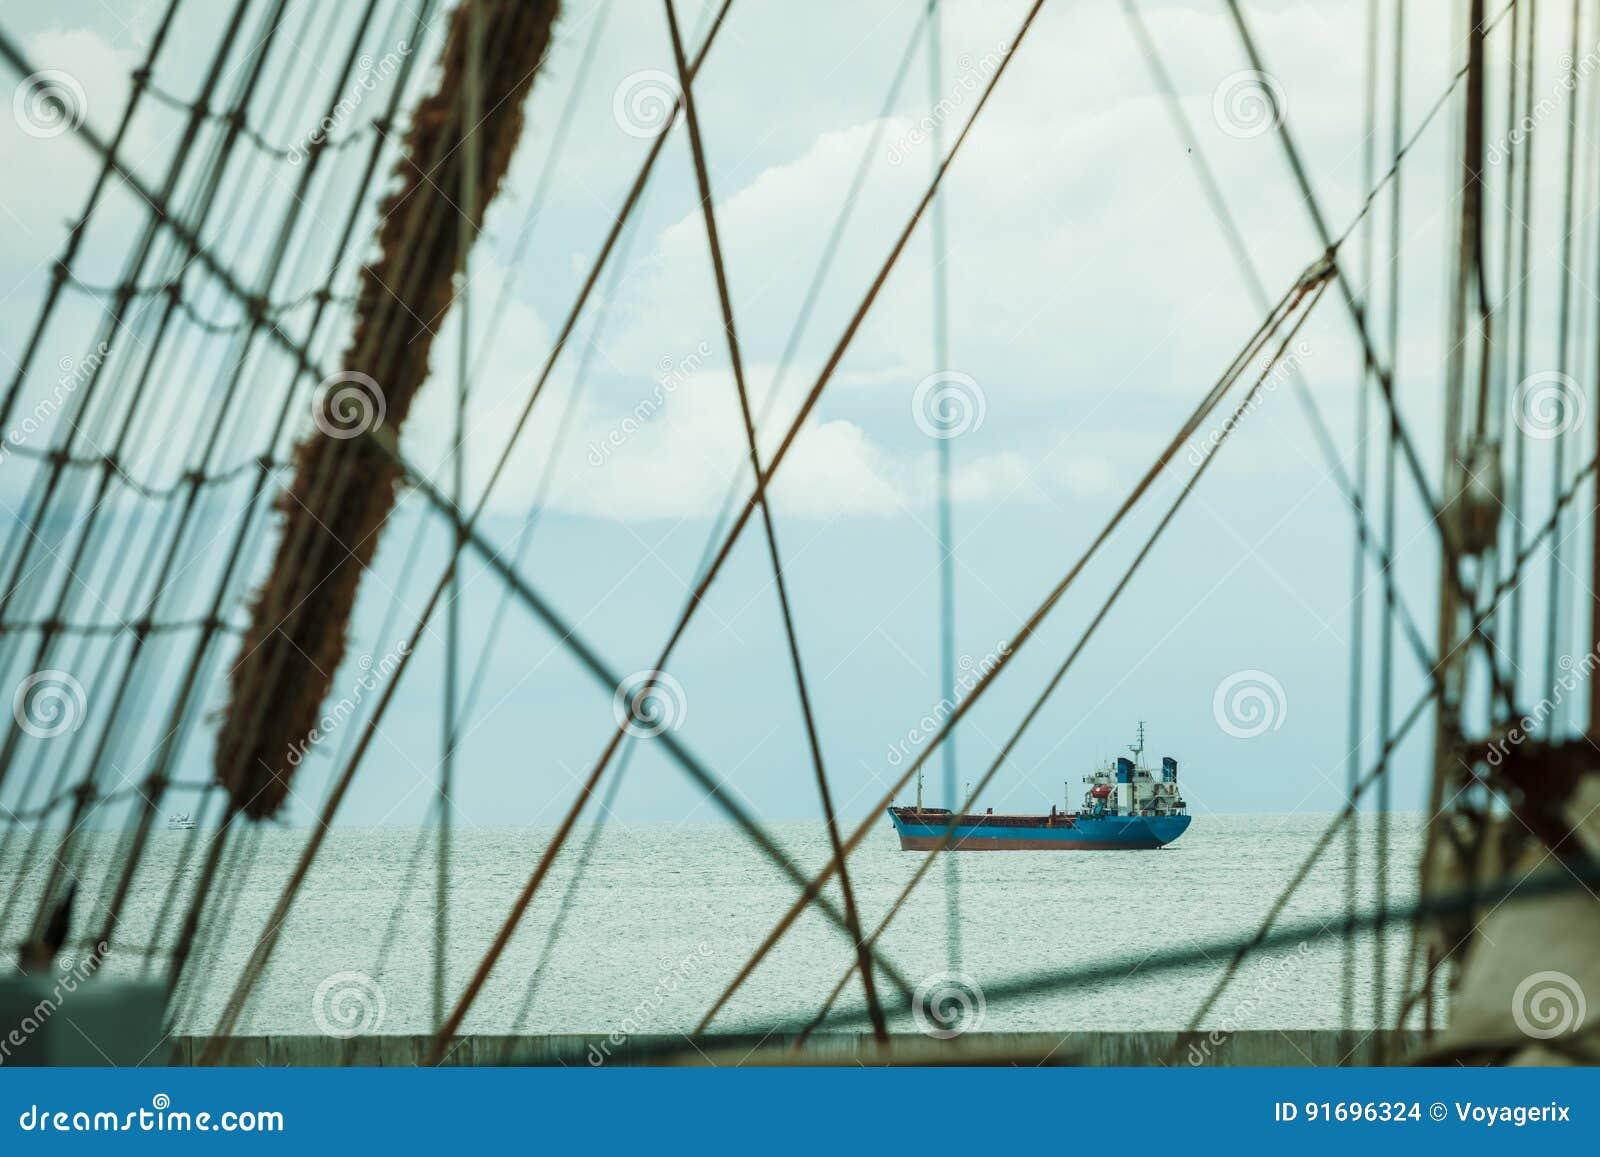 Plan rapproché détaillé du calage de mât sur le bateau à voile